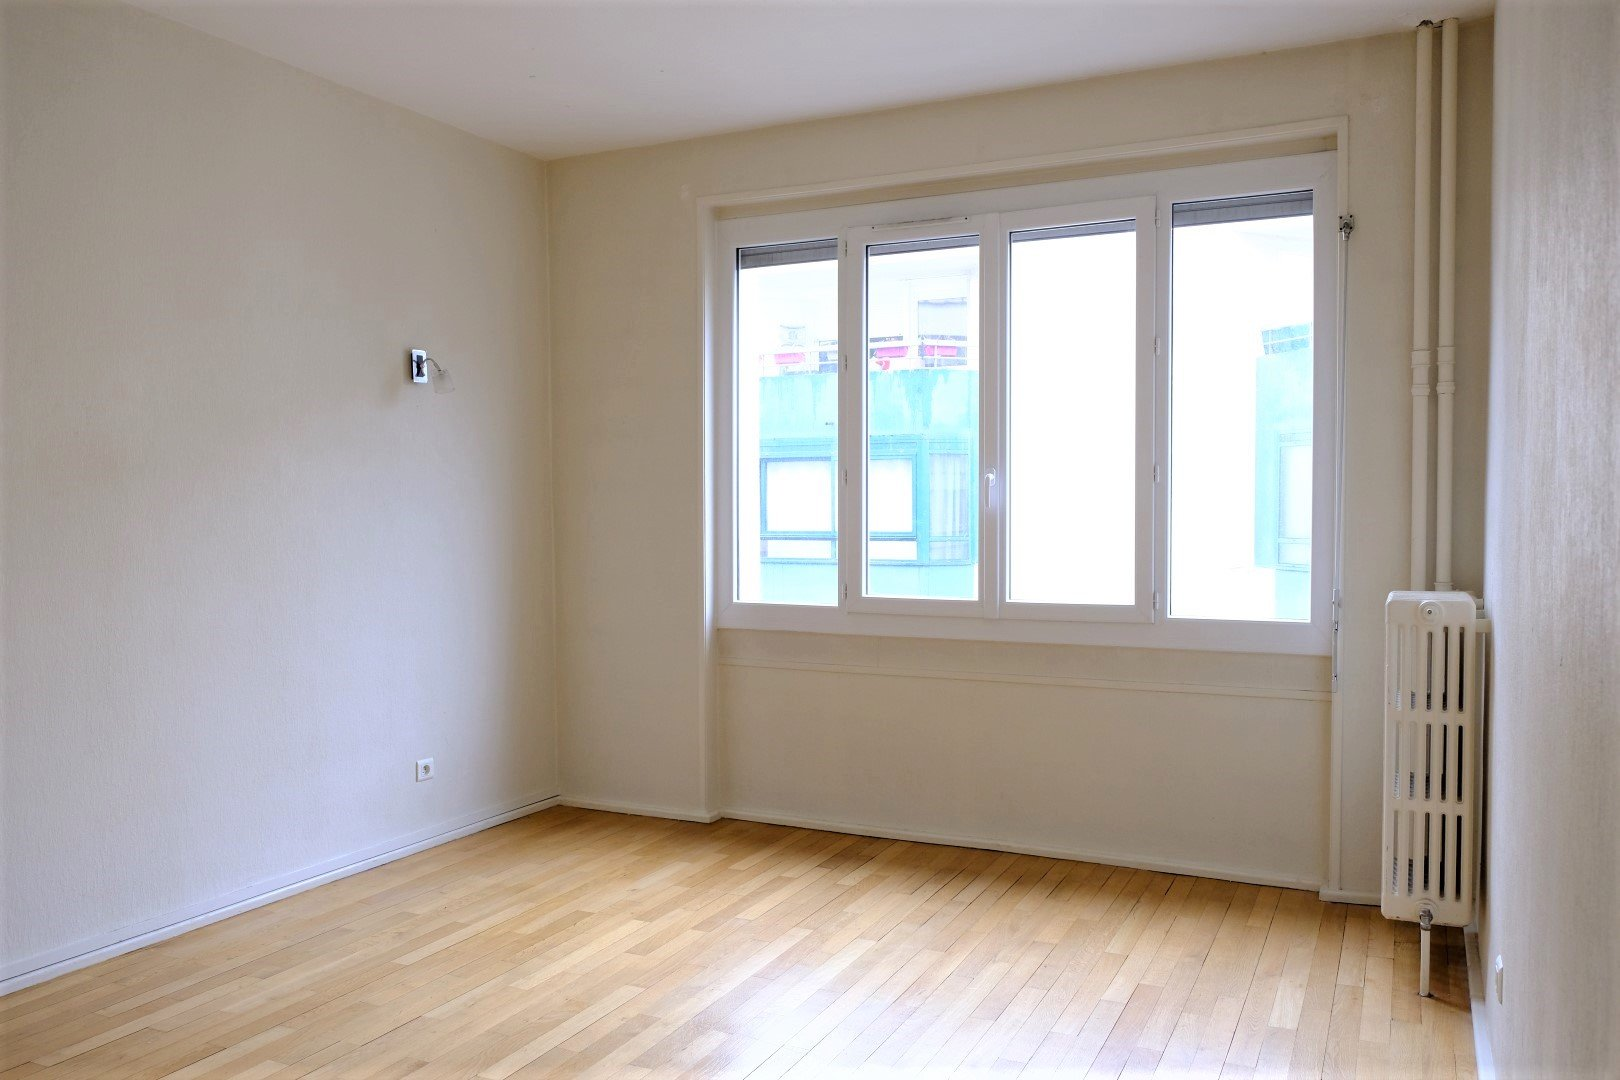 Location Appartement, Surface de 73.2 m², 3 pièces, Lyon 6ème (69006)